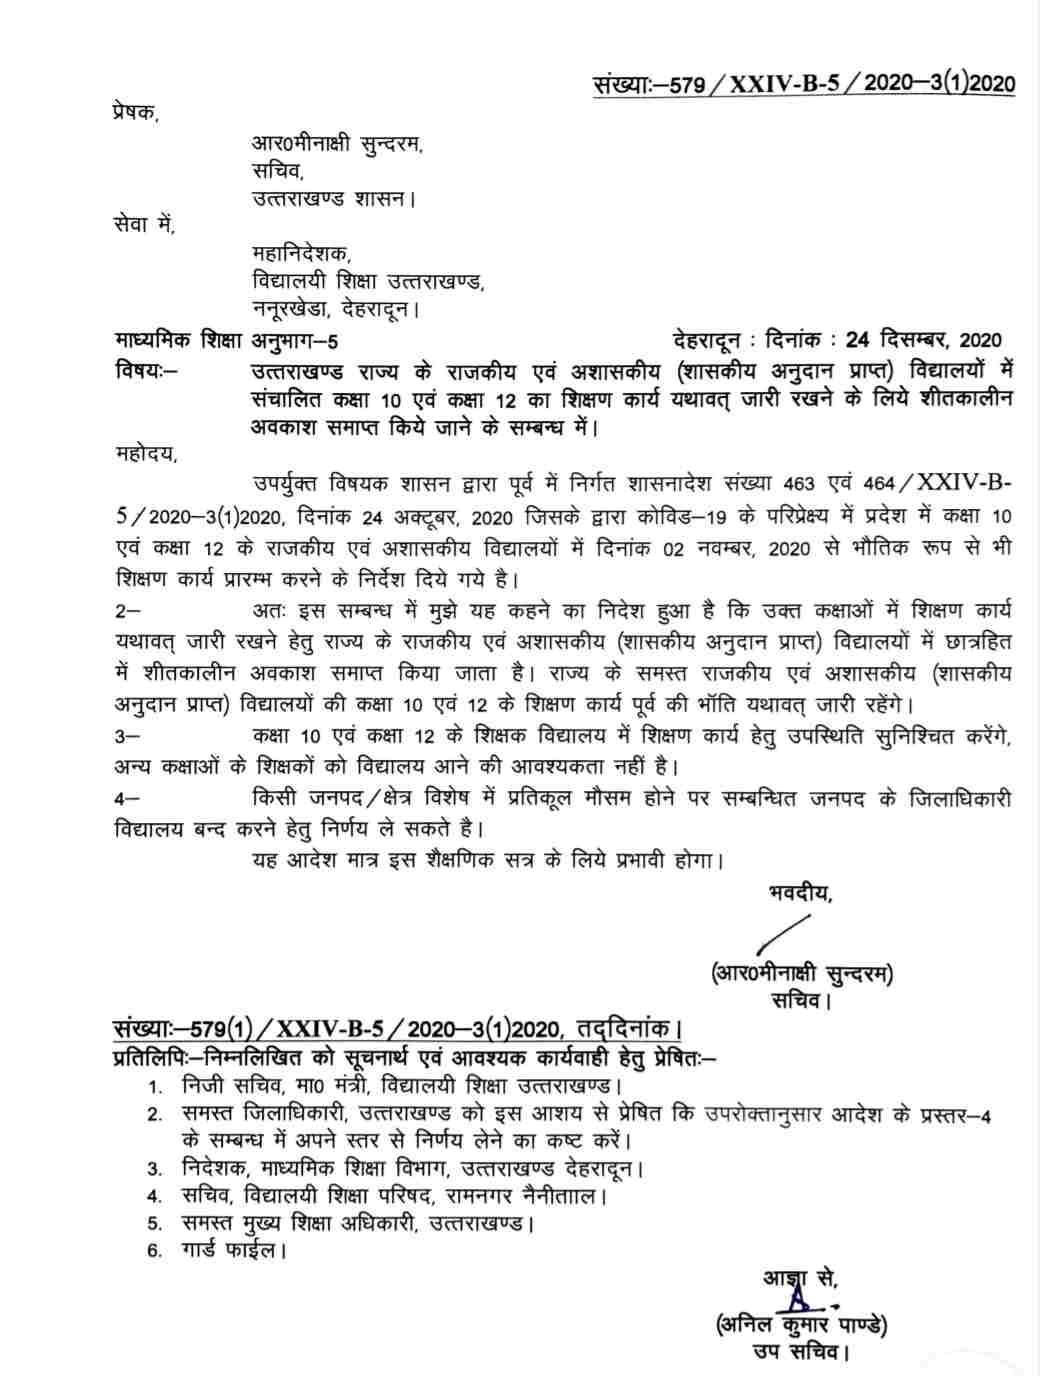 राजकीय व अशासकीय (शासकीय अनुदान प्राप्त) विद्यालयों में क्लासेज रहेंगे जारी, छुट्टियां हुईं रद, आदेश जारी 2